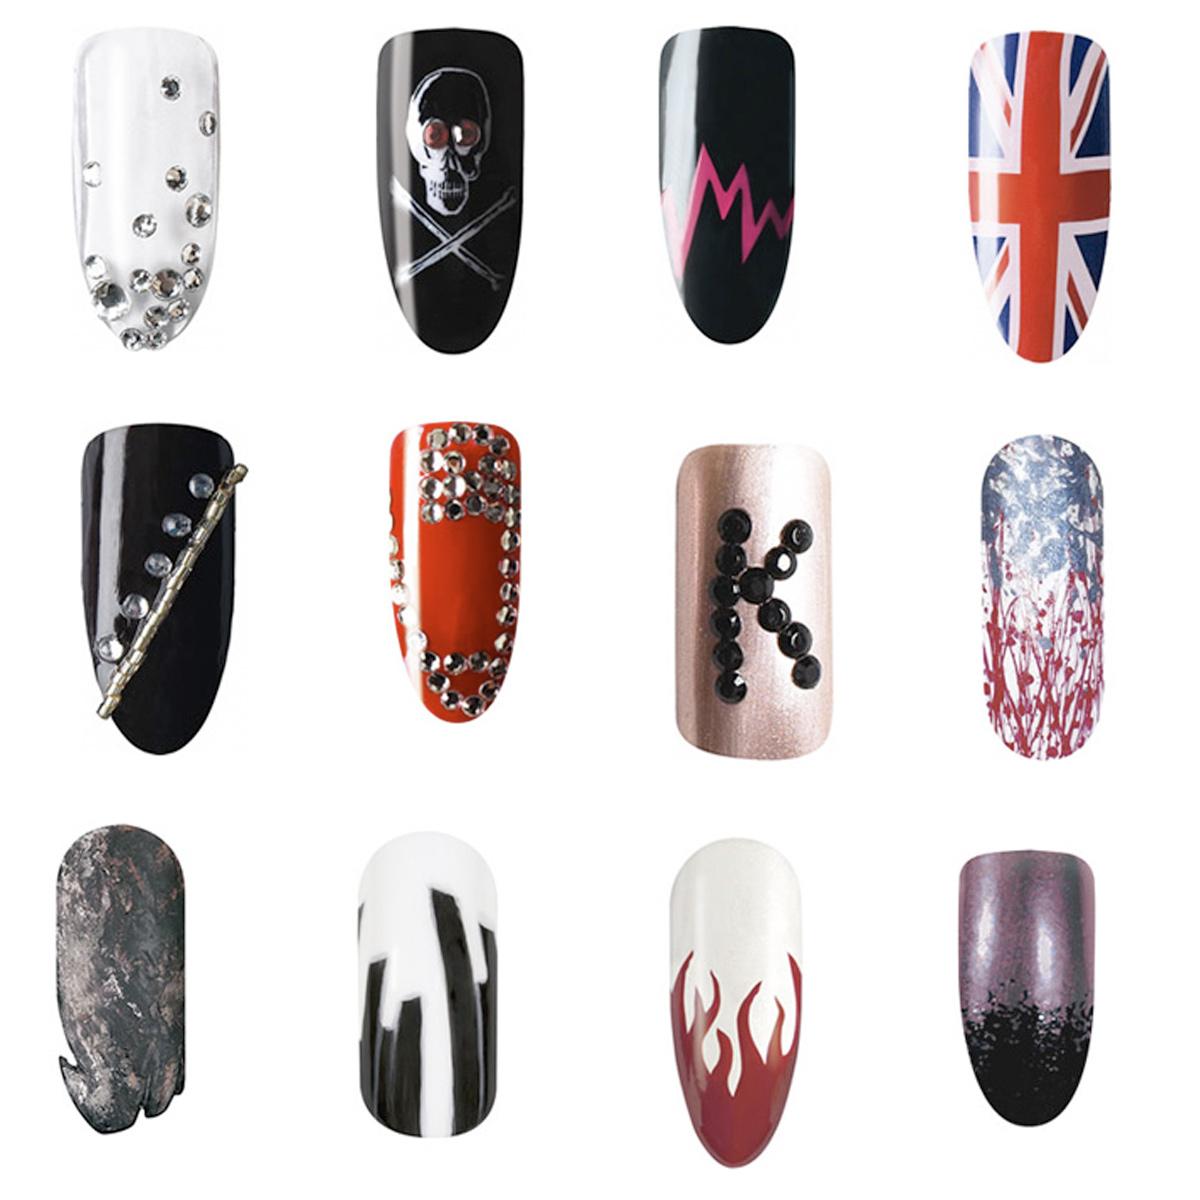 http://2.bp.blogspot.com/_zqFoq3qej2c/S9jn2D3LoxI/AAAAAAABVf8/PC0Spvim2VI/s1600/Punk-Rock-Chic-nails.jpg